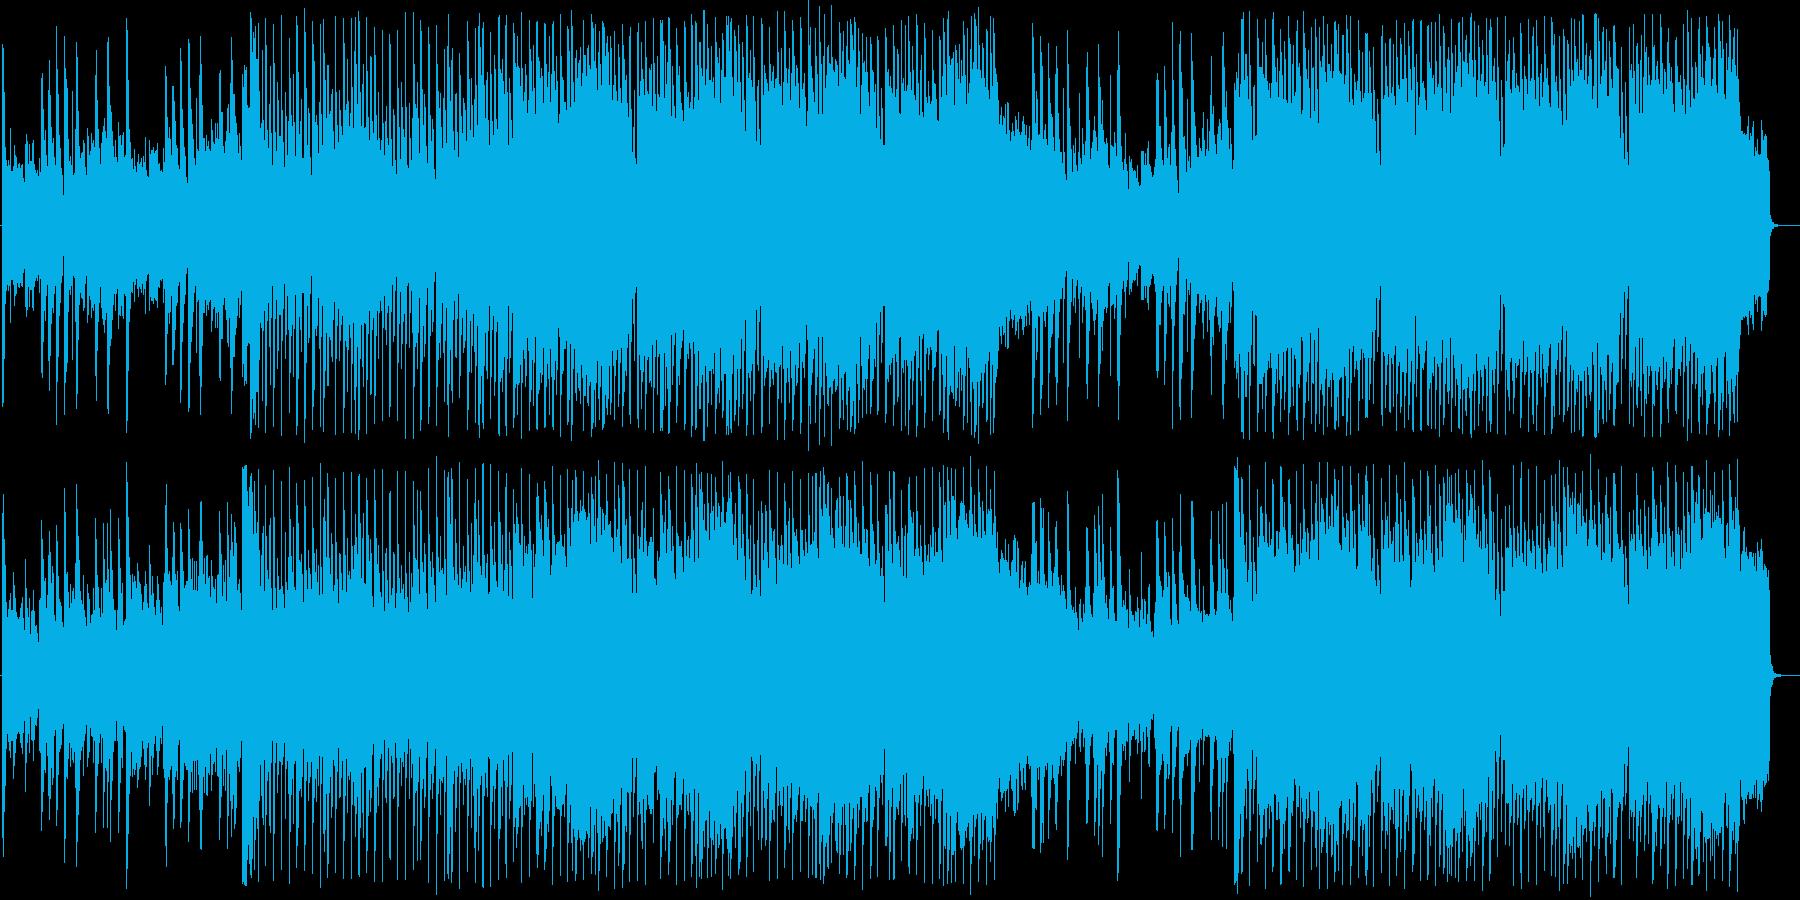 軽快なギターとピアノのカントリーポップスの再生済みの波形